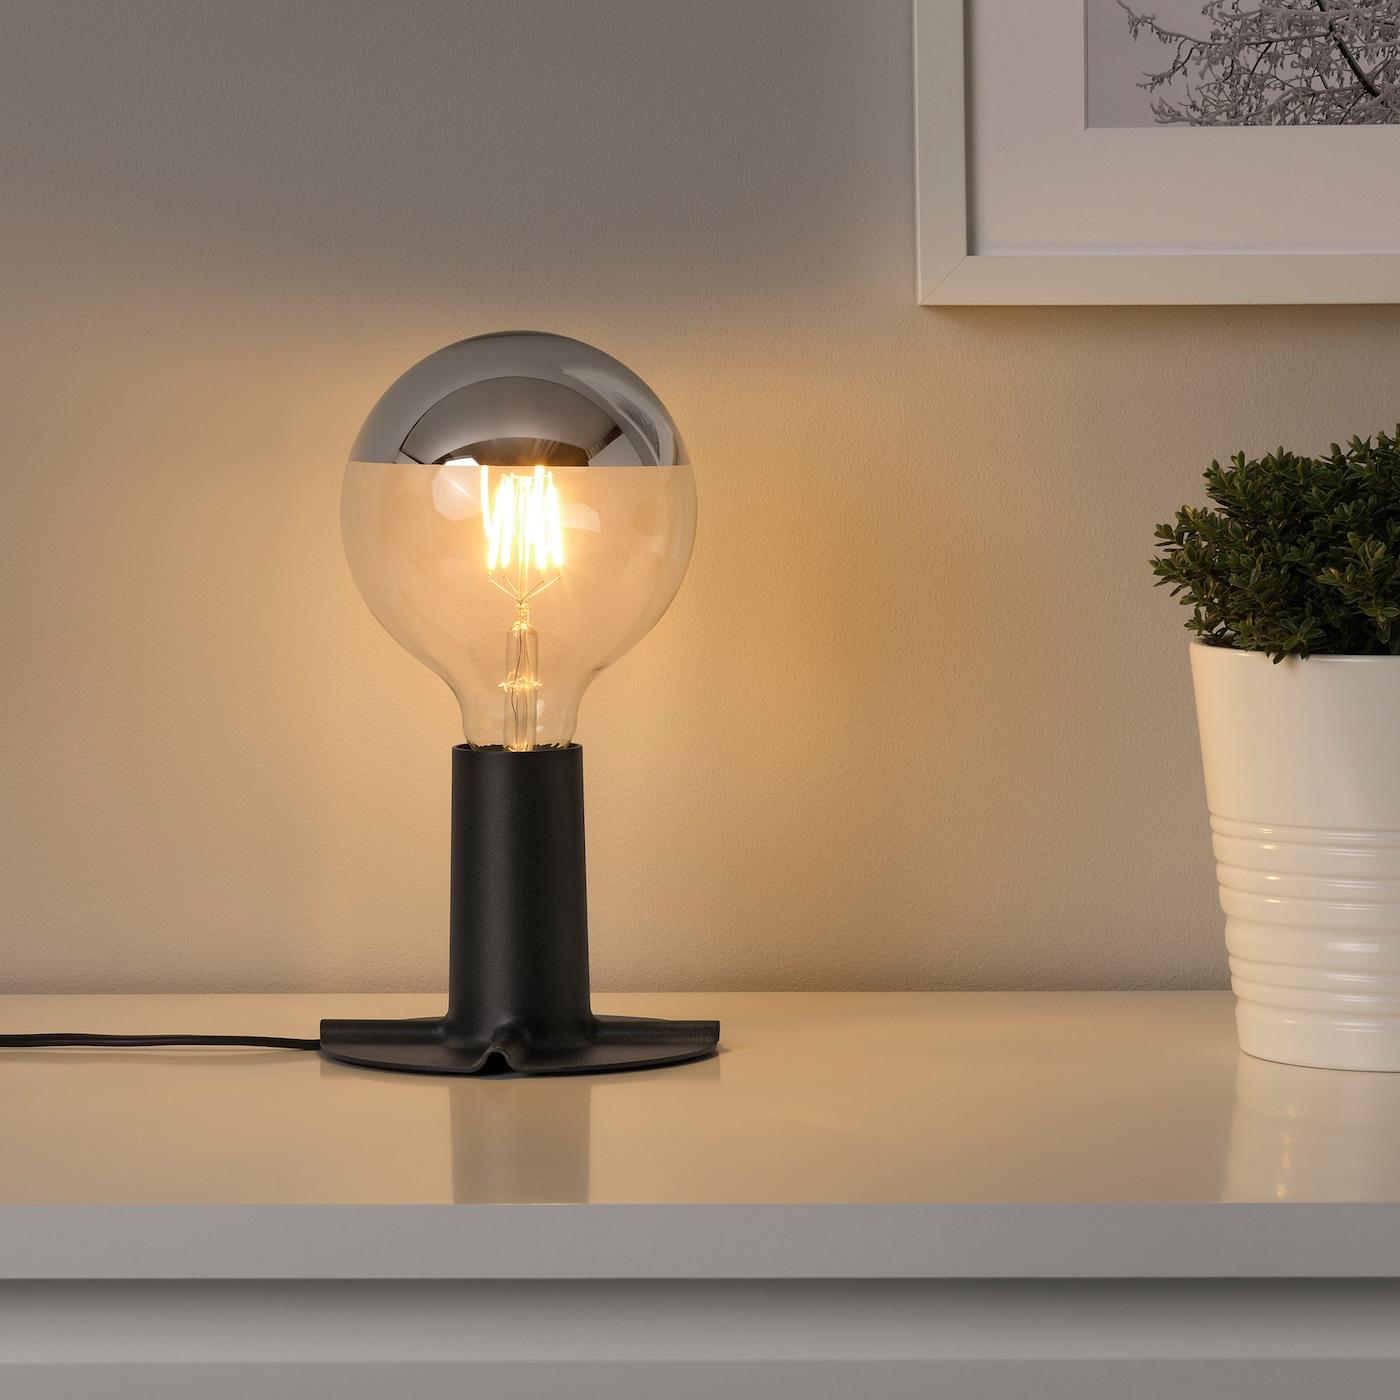 sillbo led bulb e27 370 lumen globe mirrored top silver coloured 125 mm